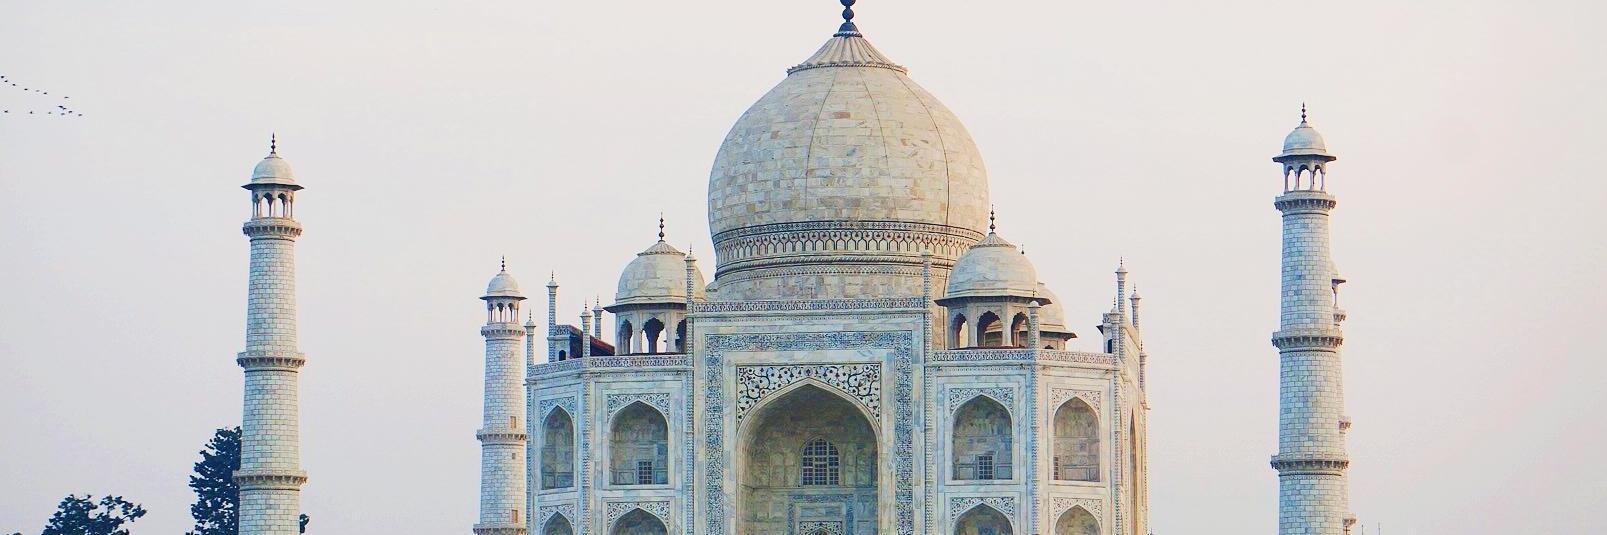 一个让你既熟悉又陌生的开挂的民族——走进印度,走进泰姬陵!